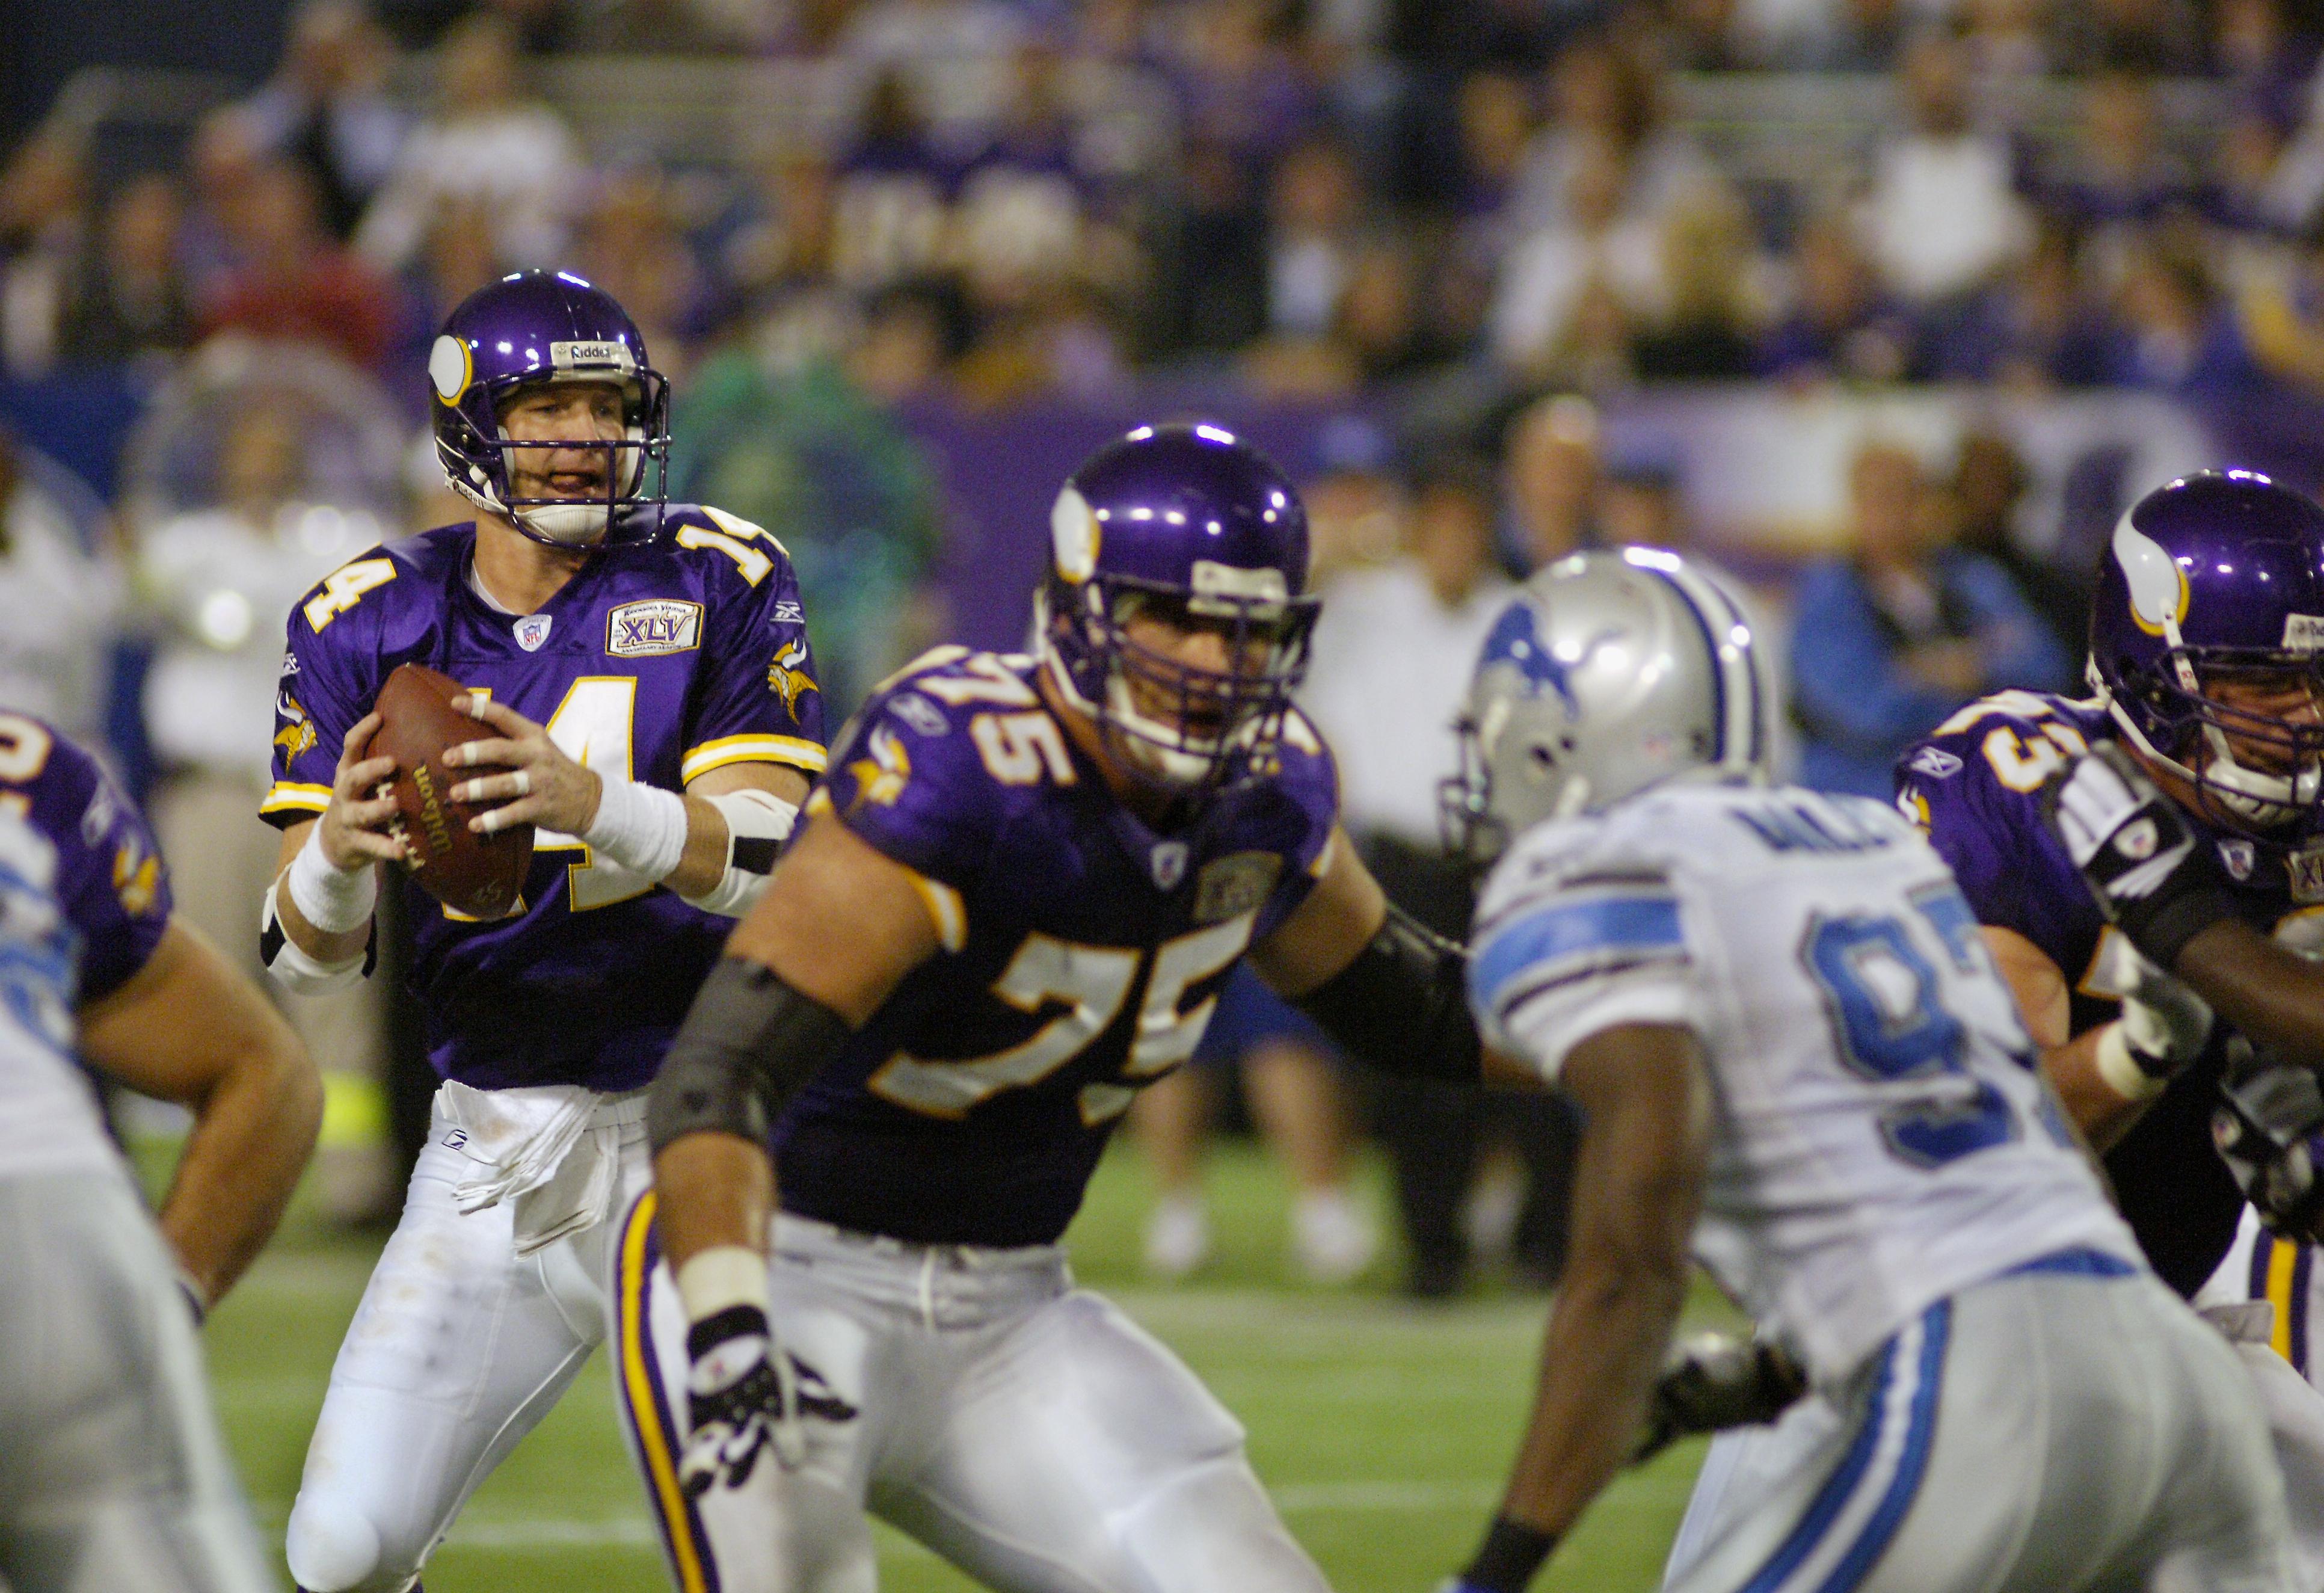 Minnesota Vikings Quarterback Brad Johnson During NFL Game